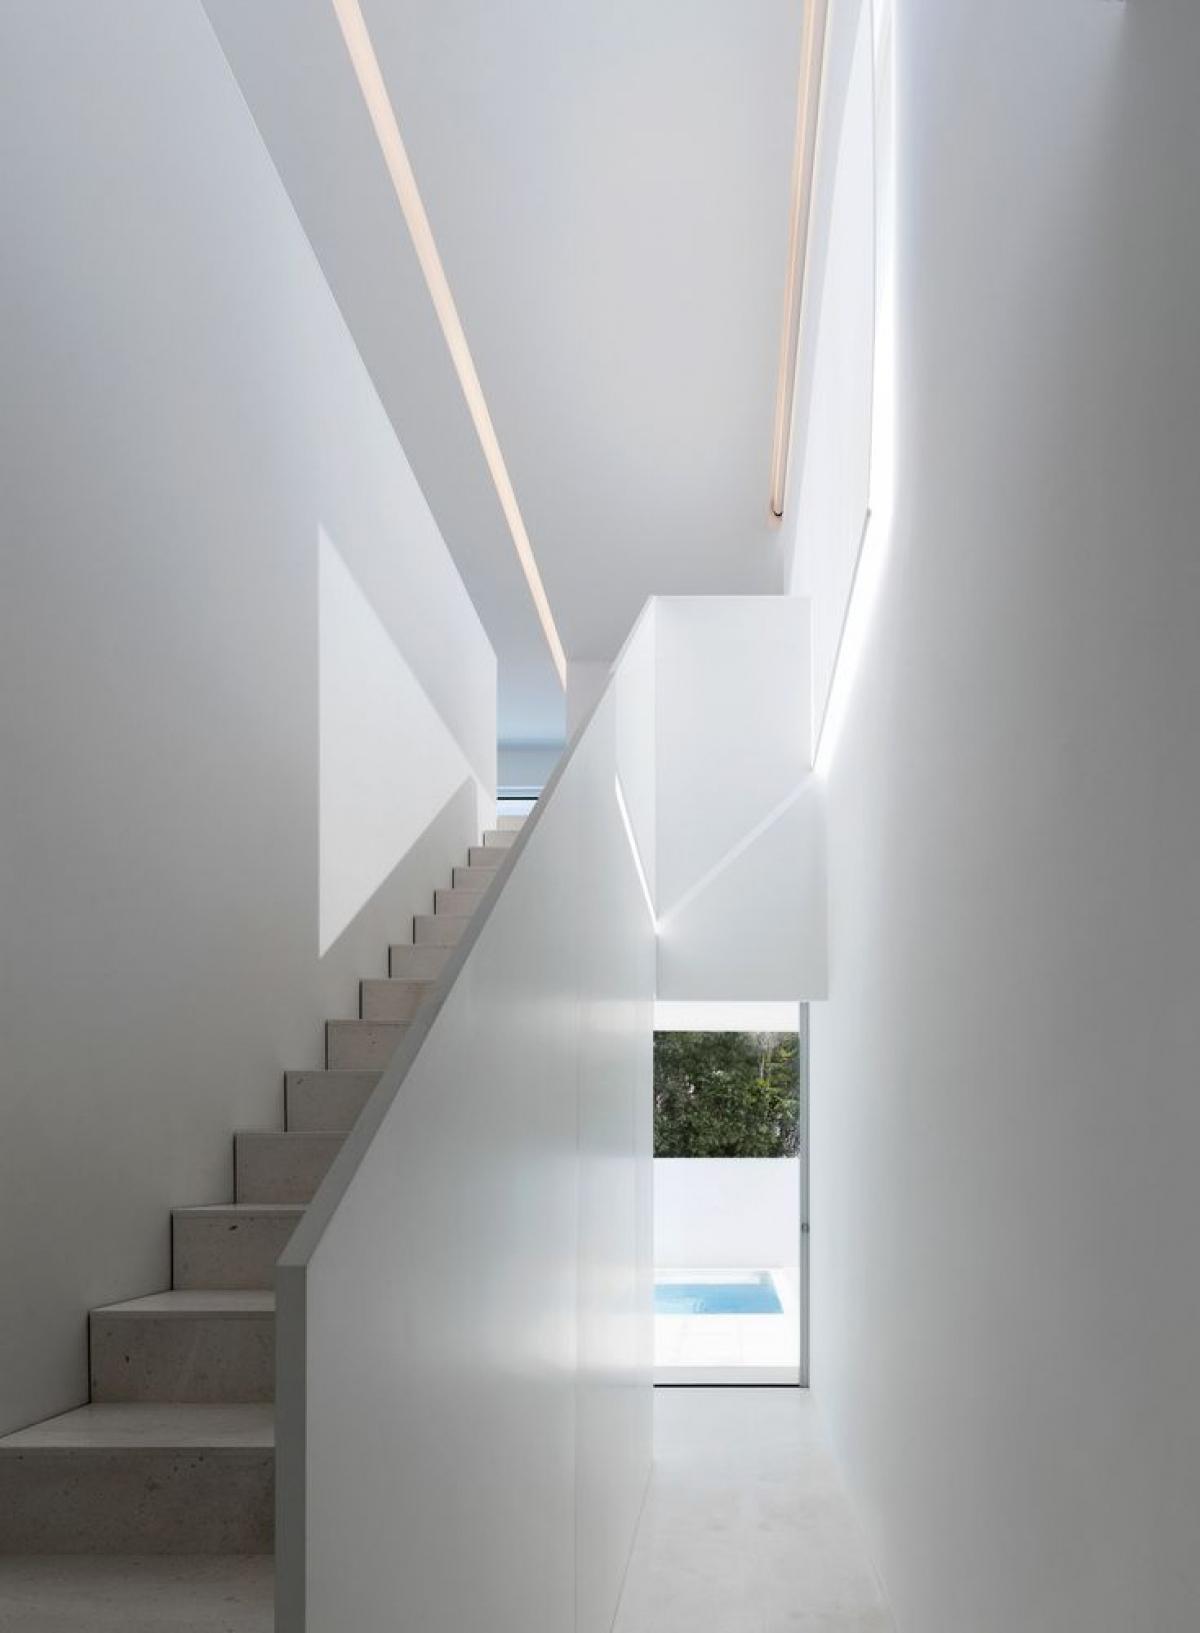 """Cầu thang ở góc nhà lên tầng 2 cũng rất đơn giản. Ánh sáng là một loại """"vật liệu"""" làm nổi bất những hình khối kiến trúc."""